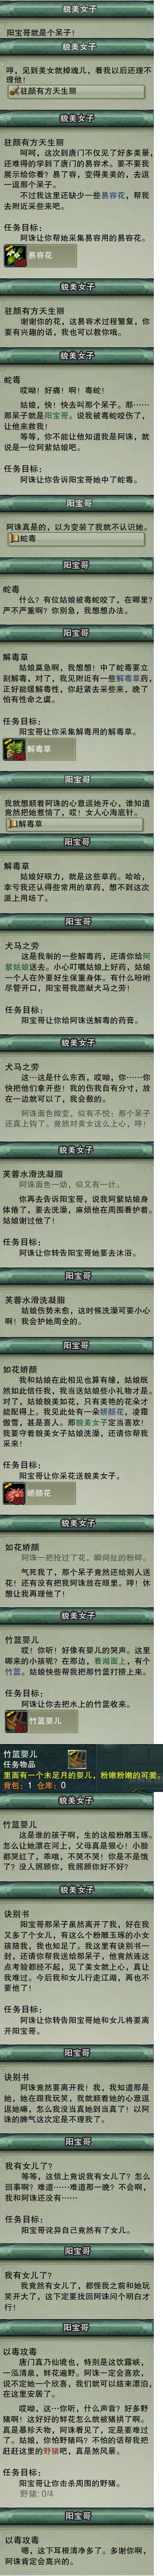 支线 - 阳宝哥.jpg